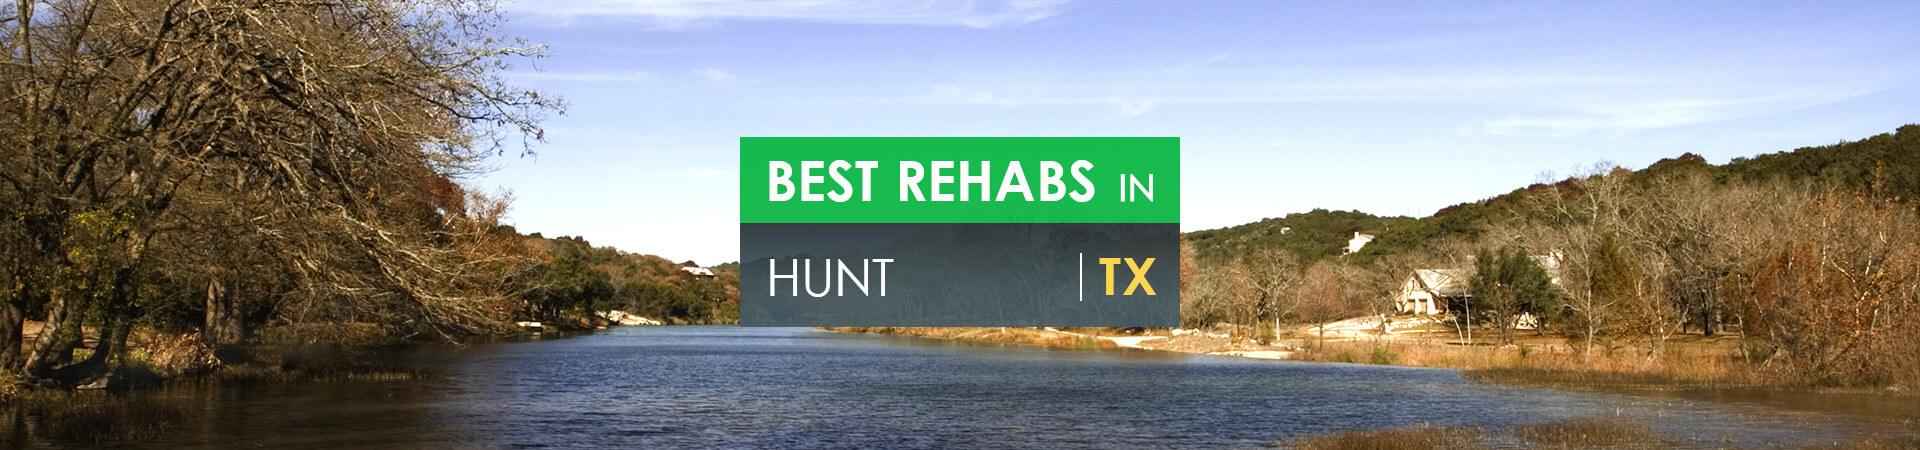 Best rehabs in Hunt, TX